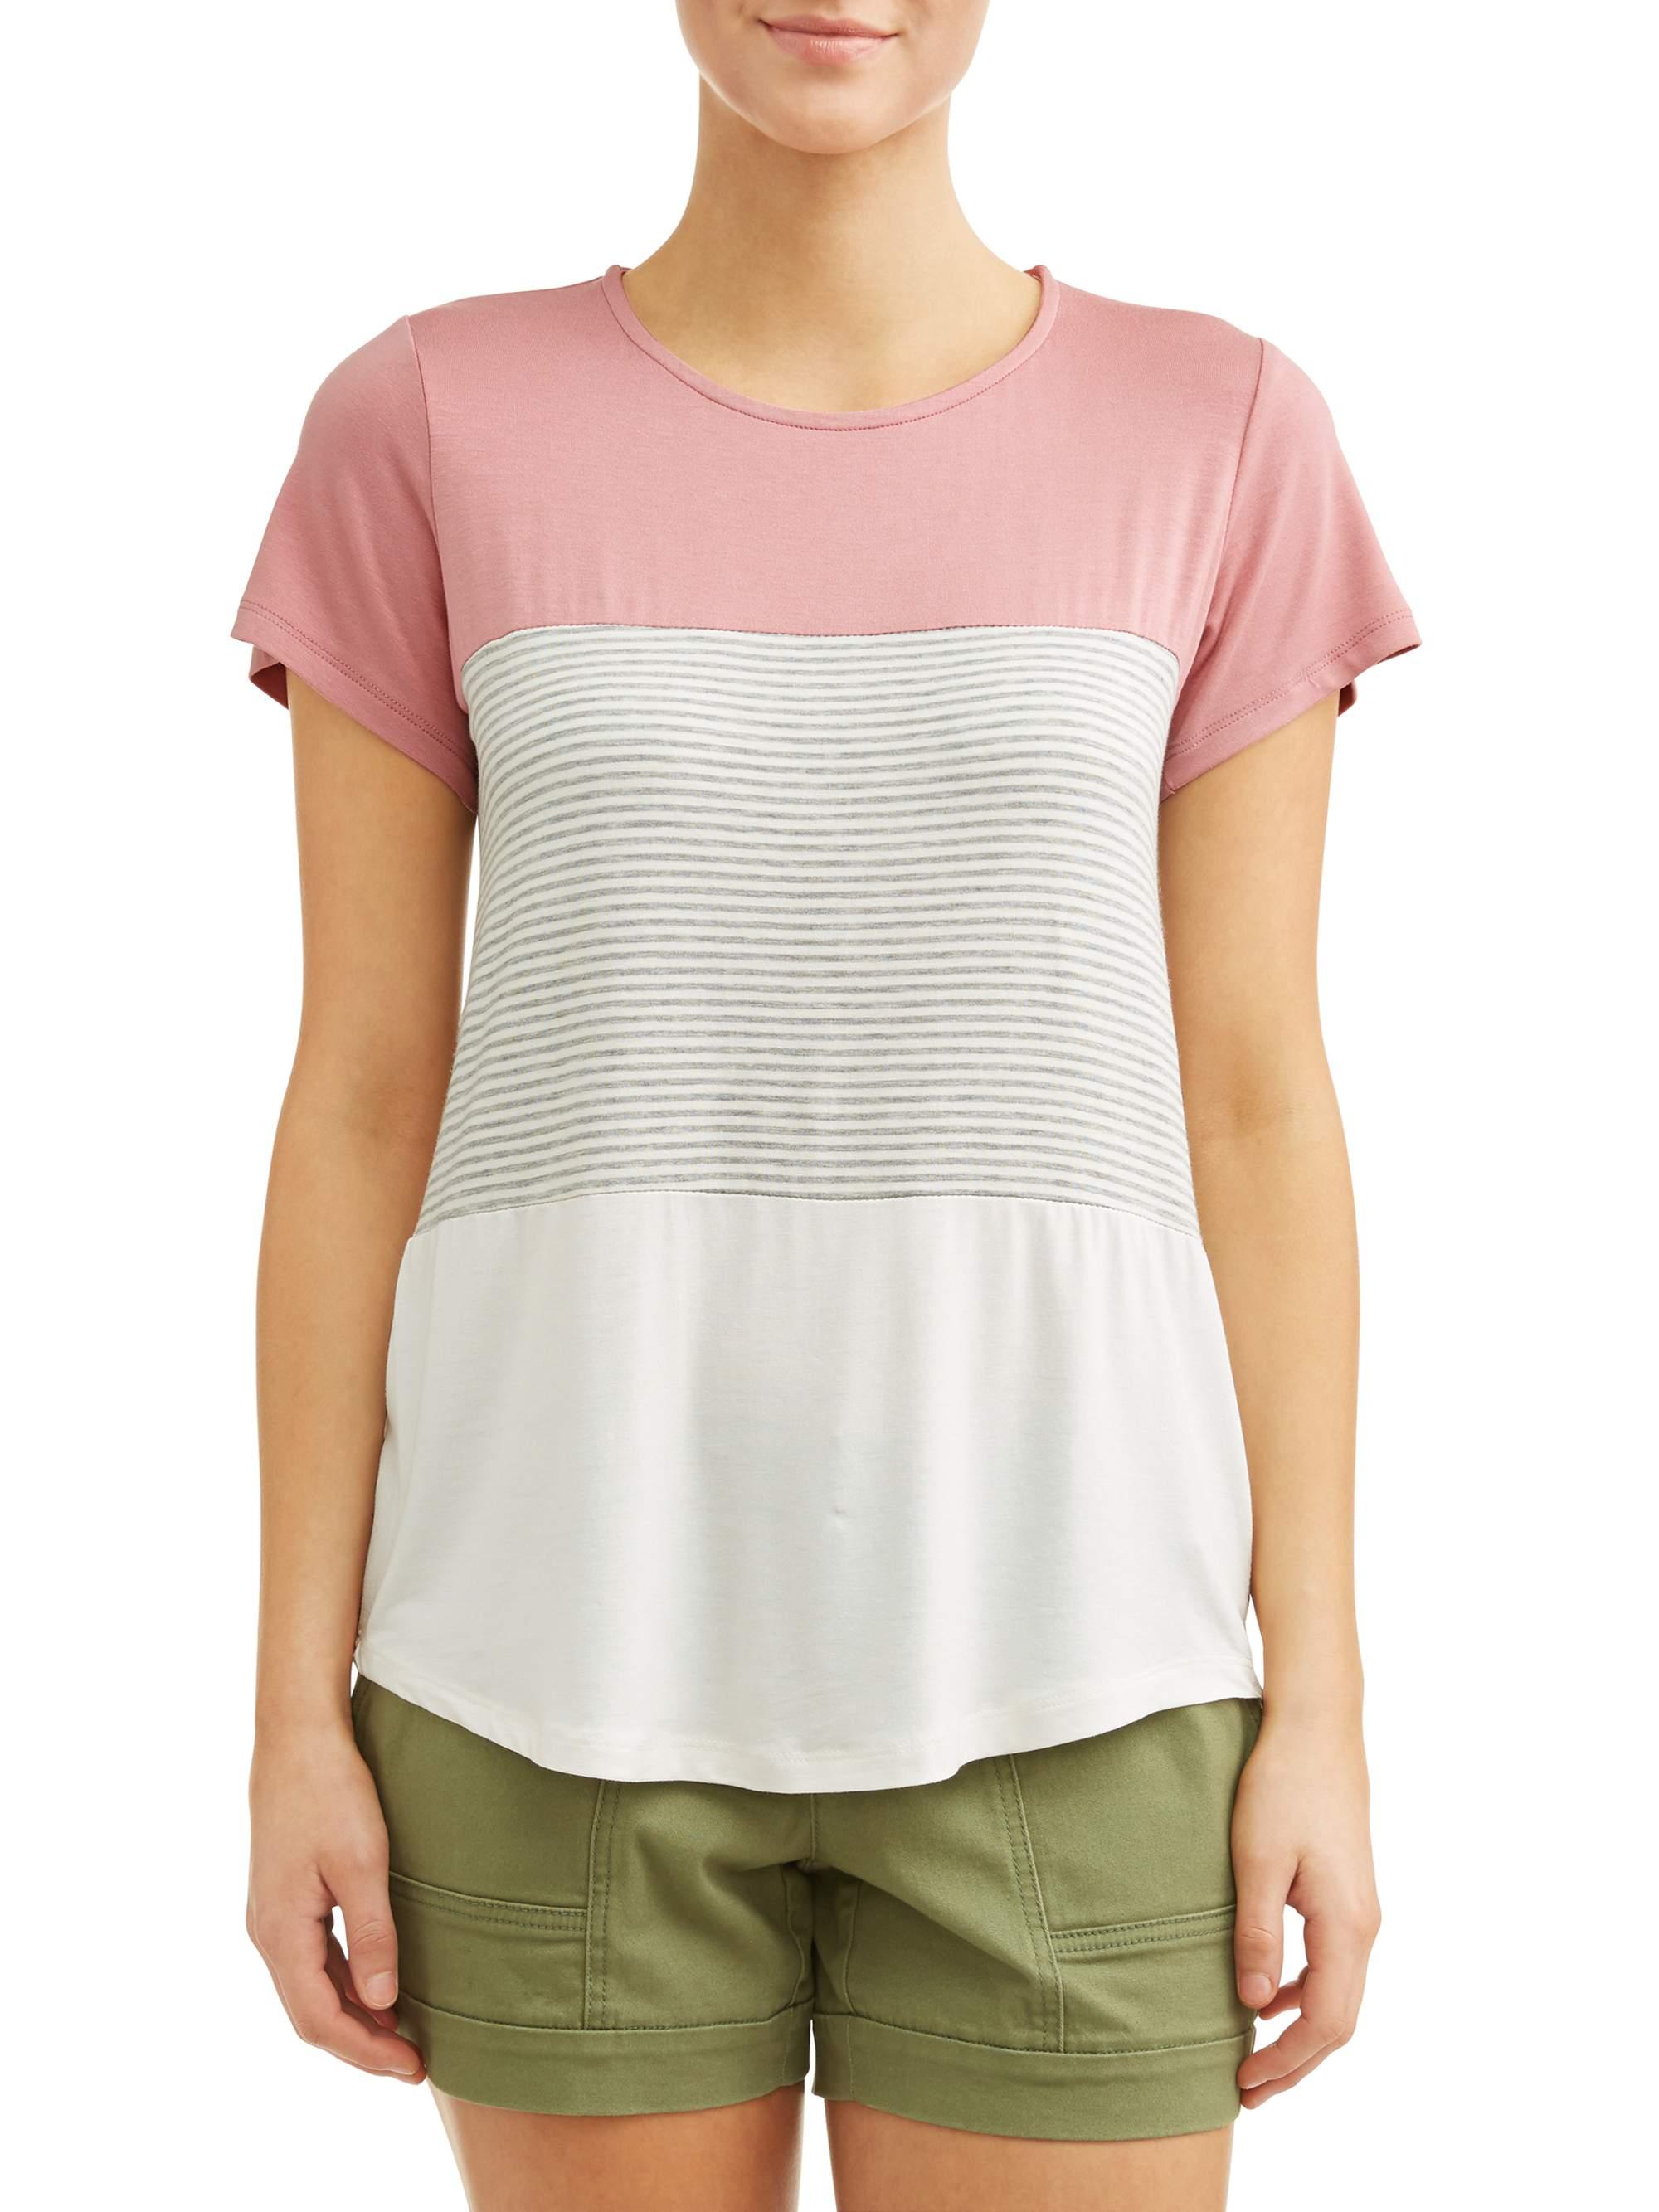 Women's Colorblock Short Sleeve T-Shirt